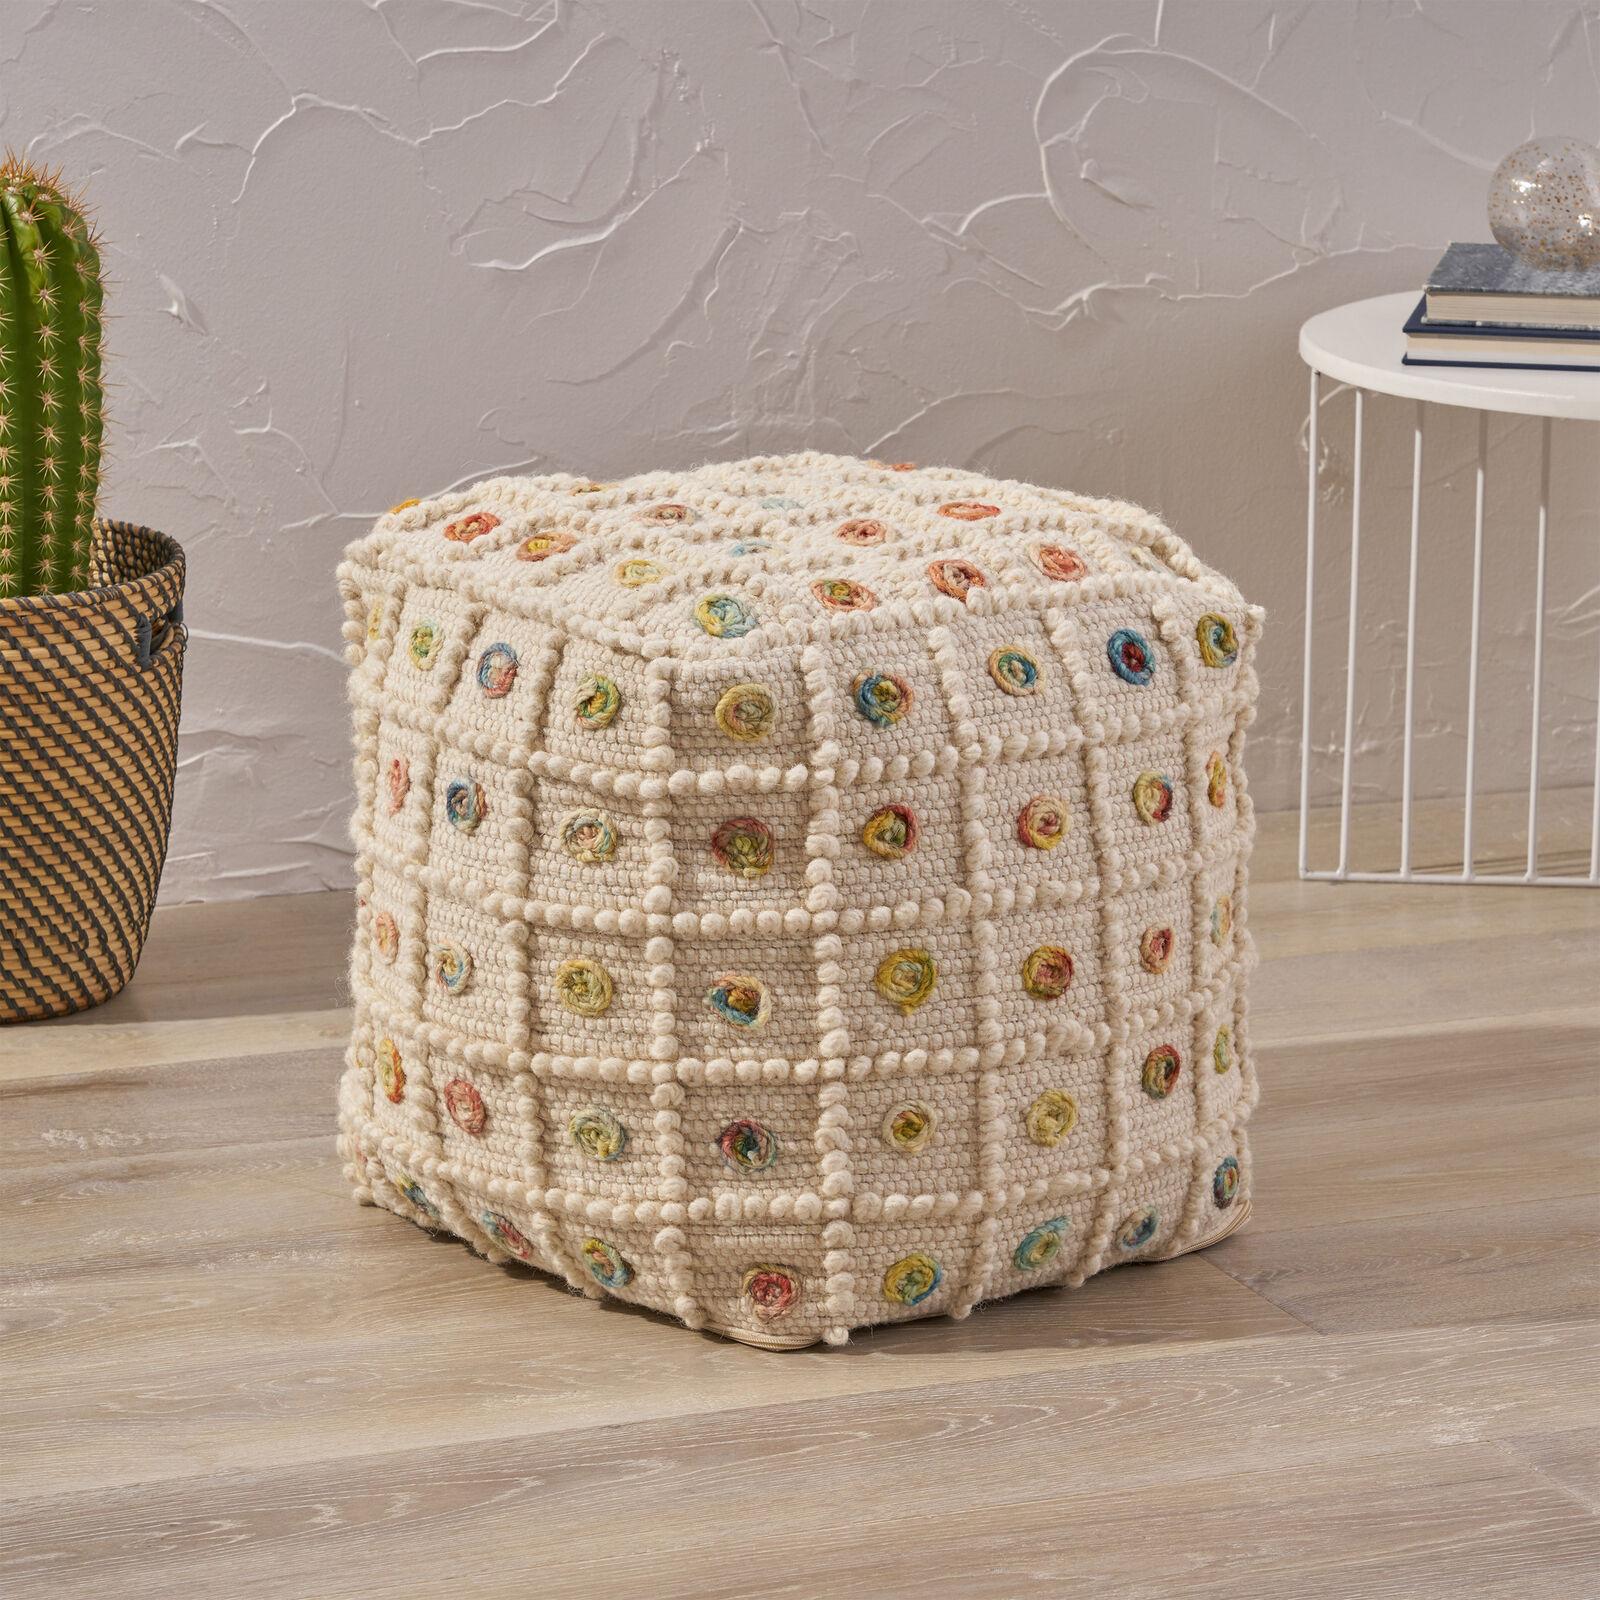 Jaceyon Boho Wool and Cotton Ottoman Pouf Furniture